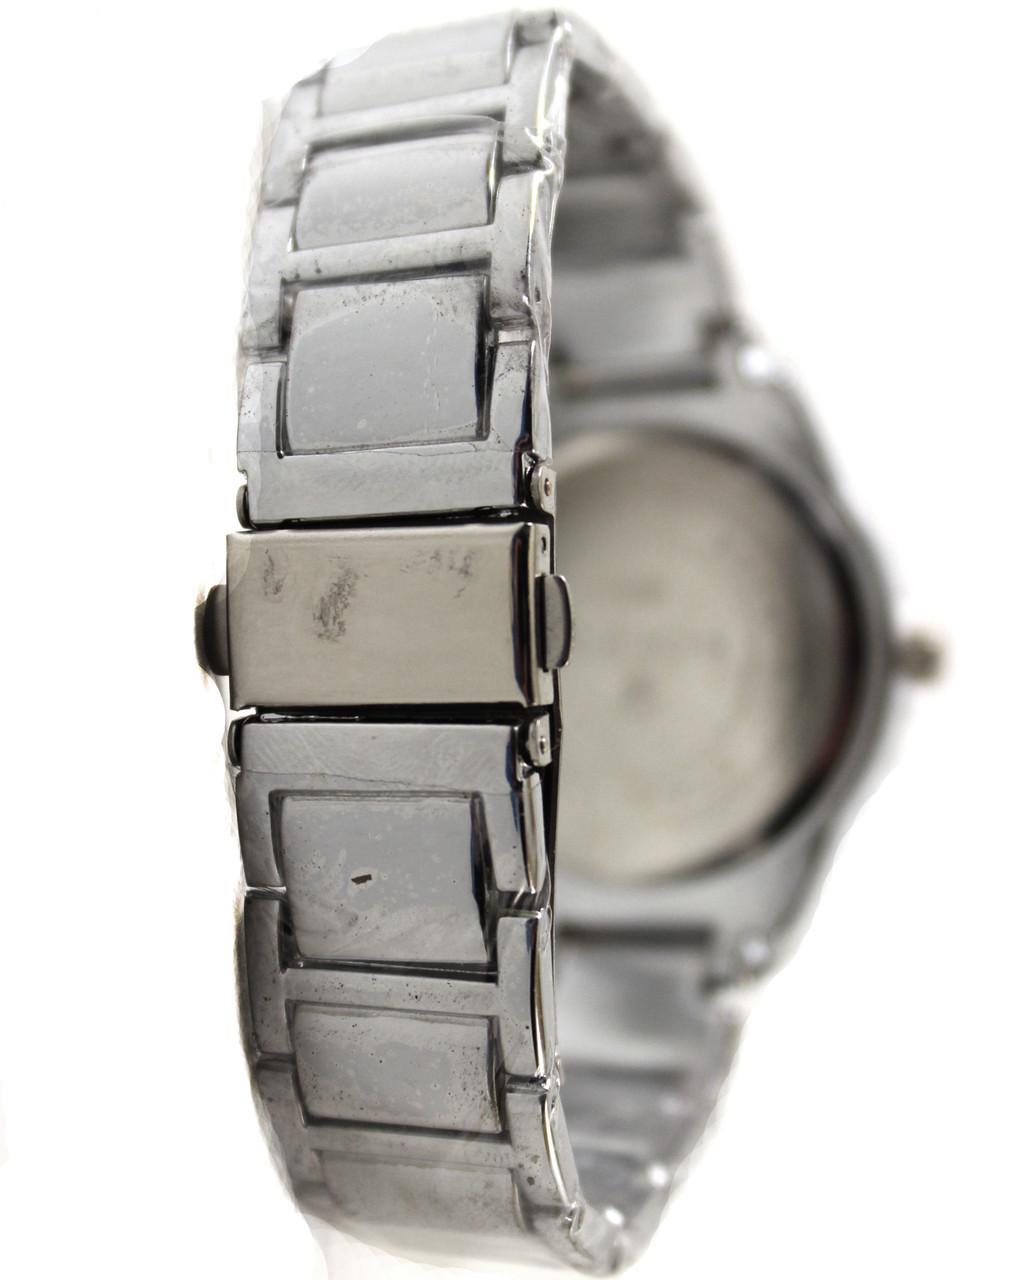 1a5b78545b2e Металлические женские часы Rolex - OptMan - самые низкие цены в Украине в  Харькове